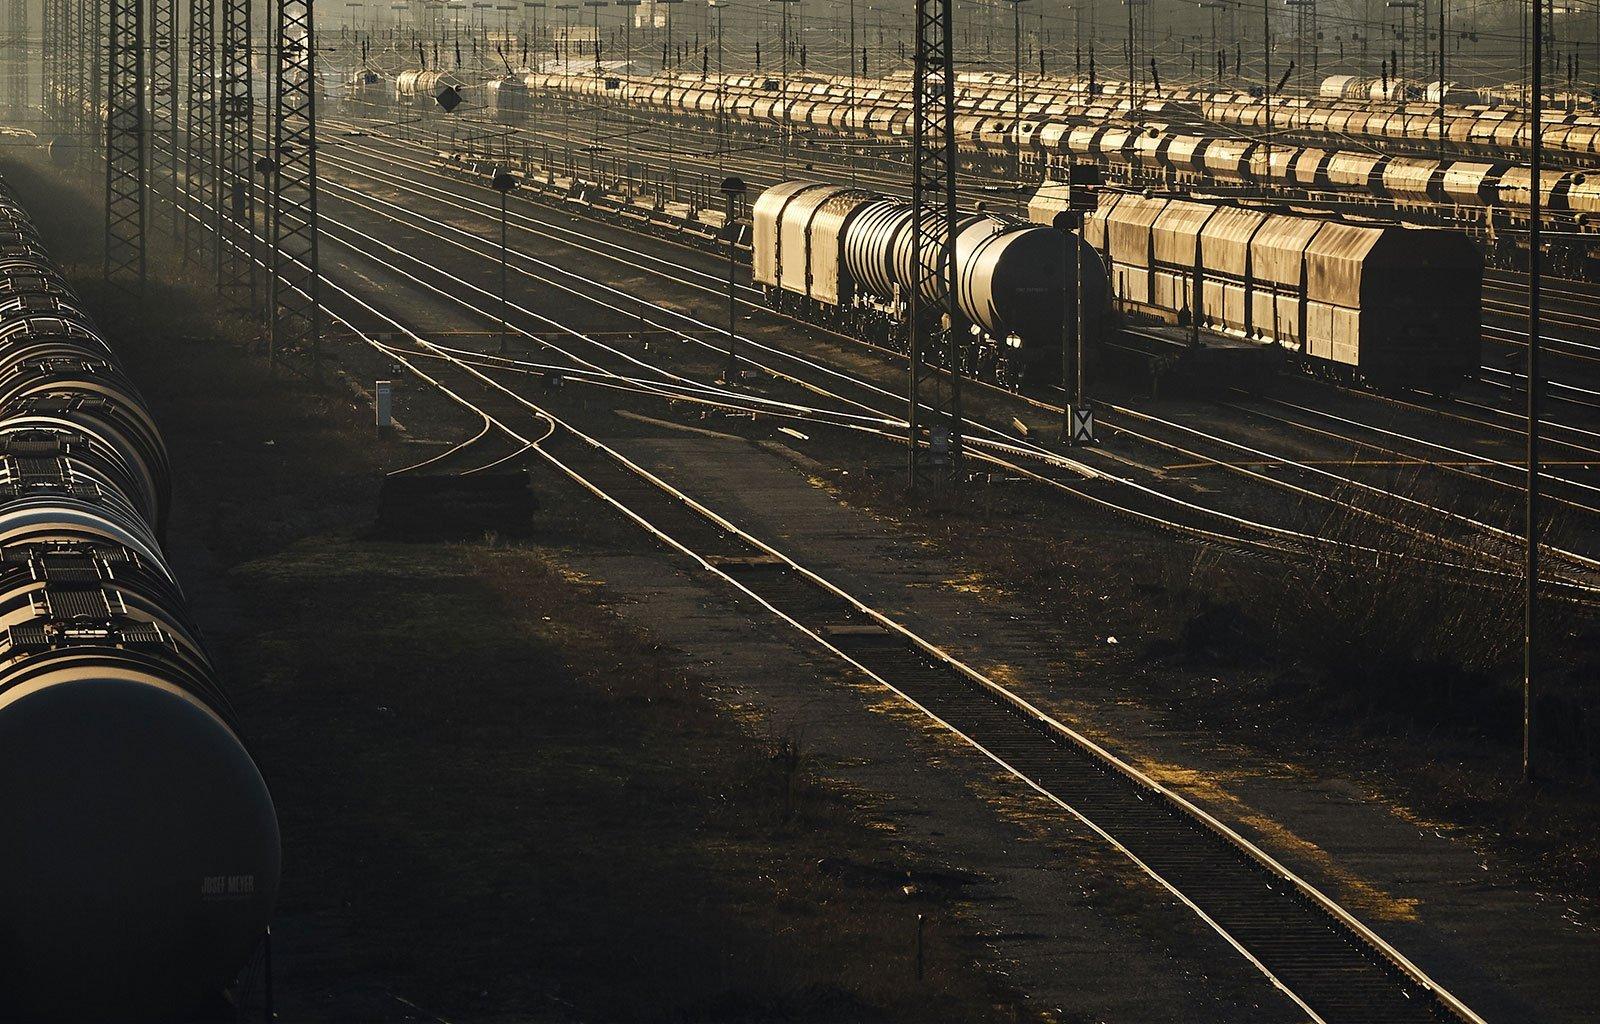 rail transport shunting yard